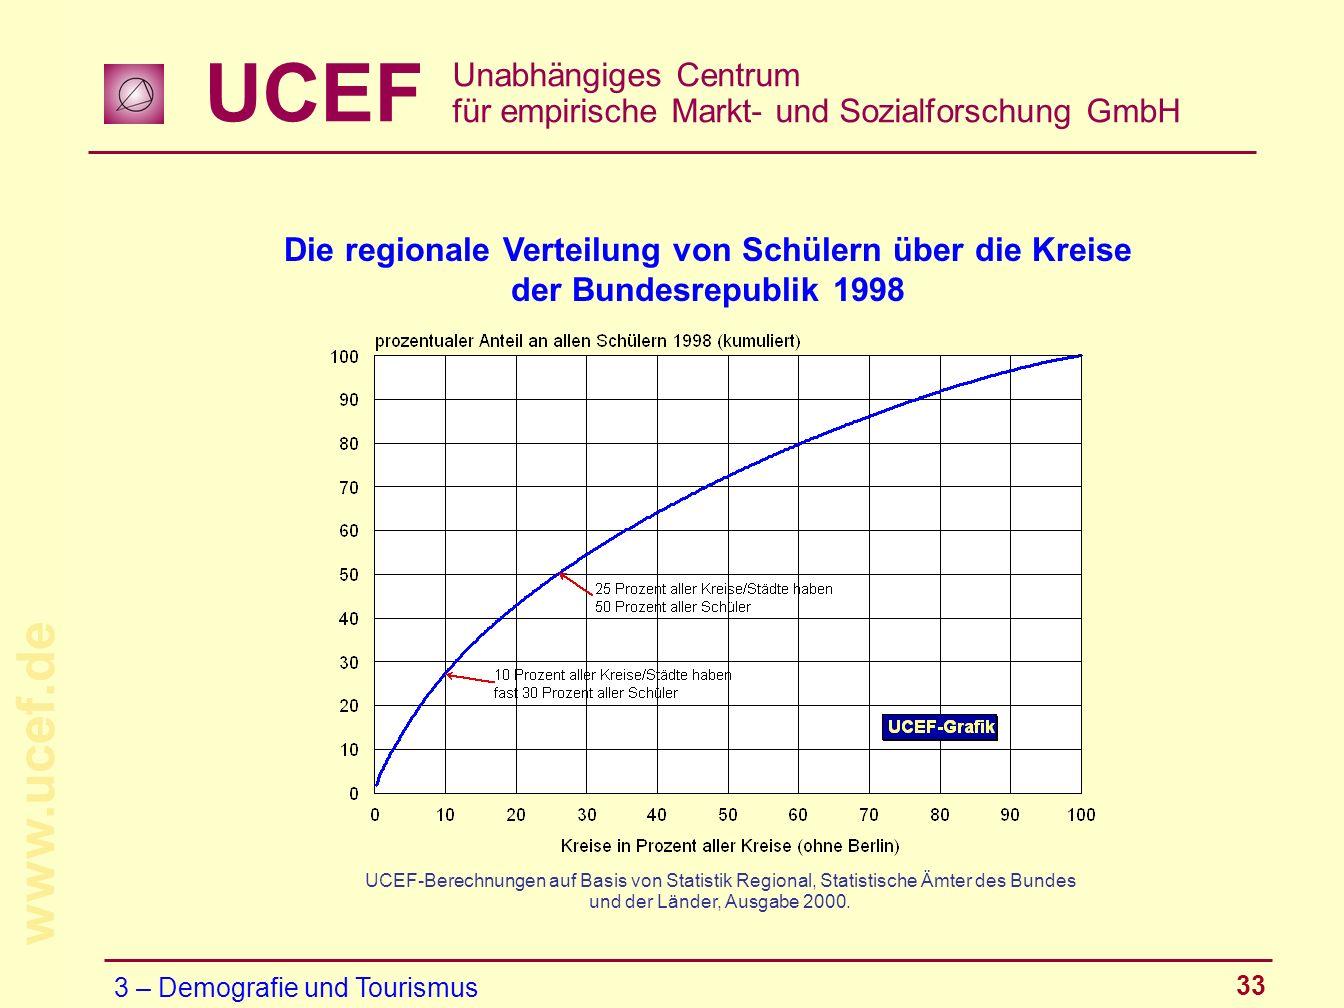 Die regionale Verteilung von Schülern über die Kreise der Bundesrepublik 1998